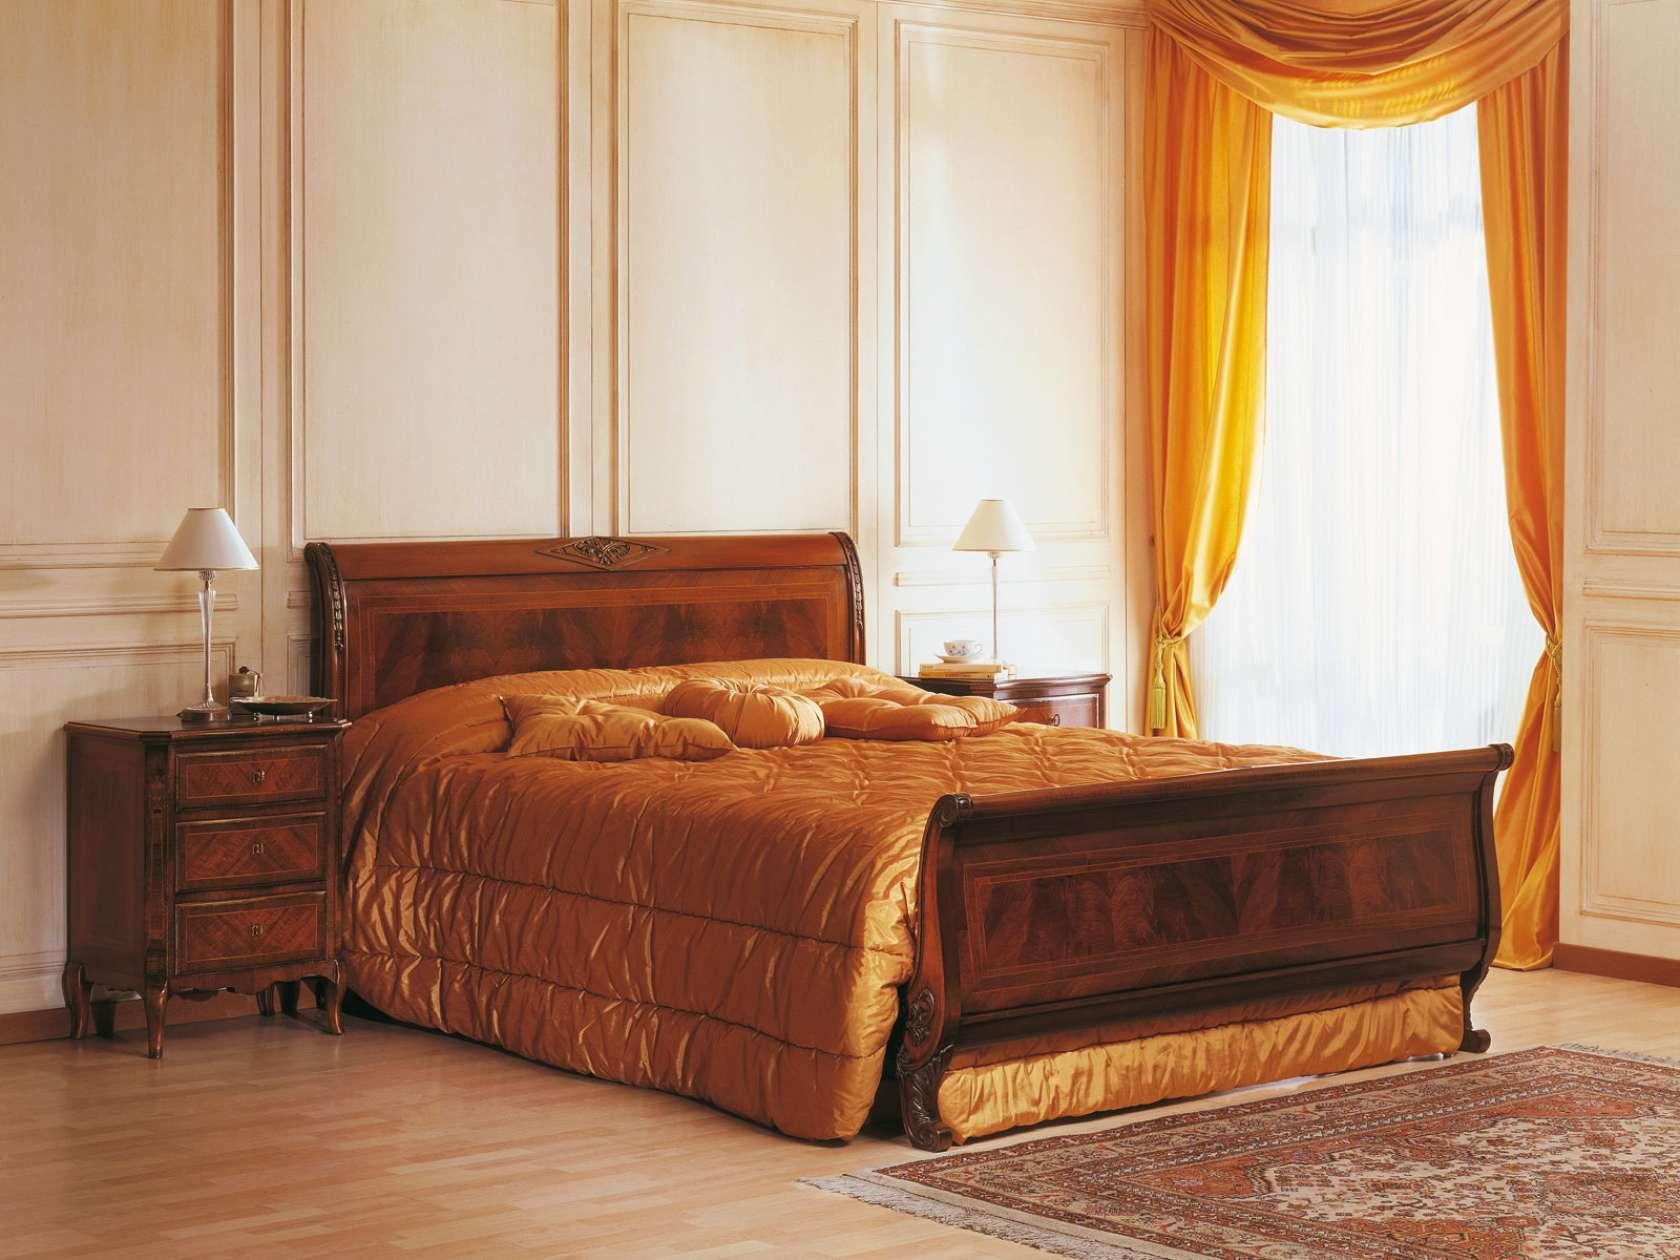 Camera da letto 800 francese letto in noce e comodino - Camera da letto in francese ...